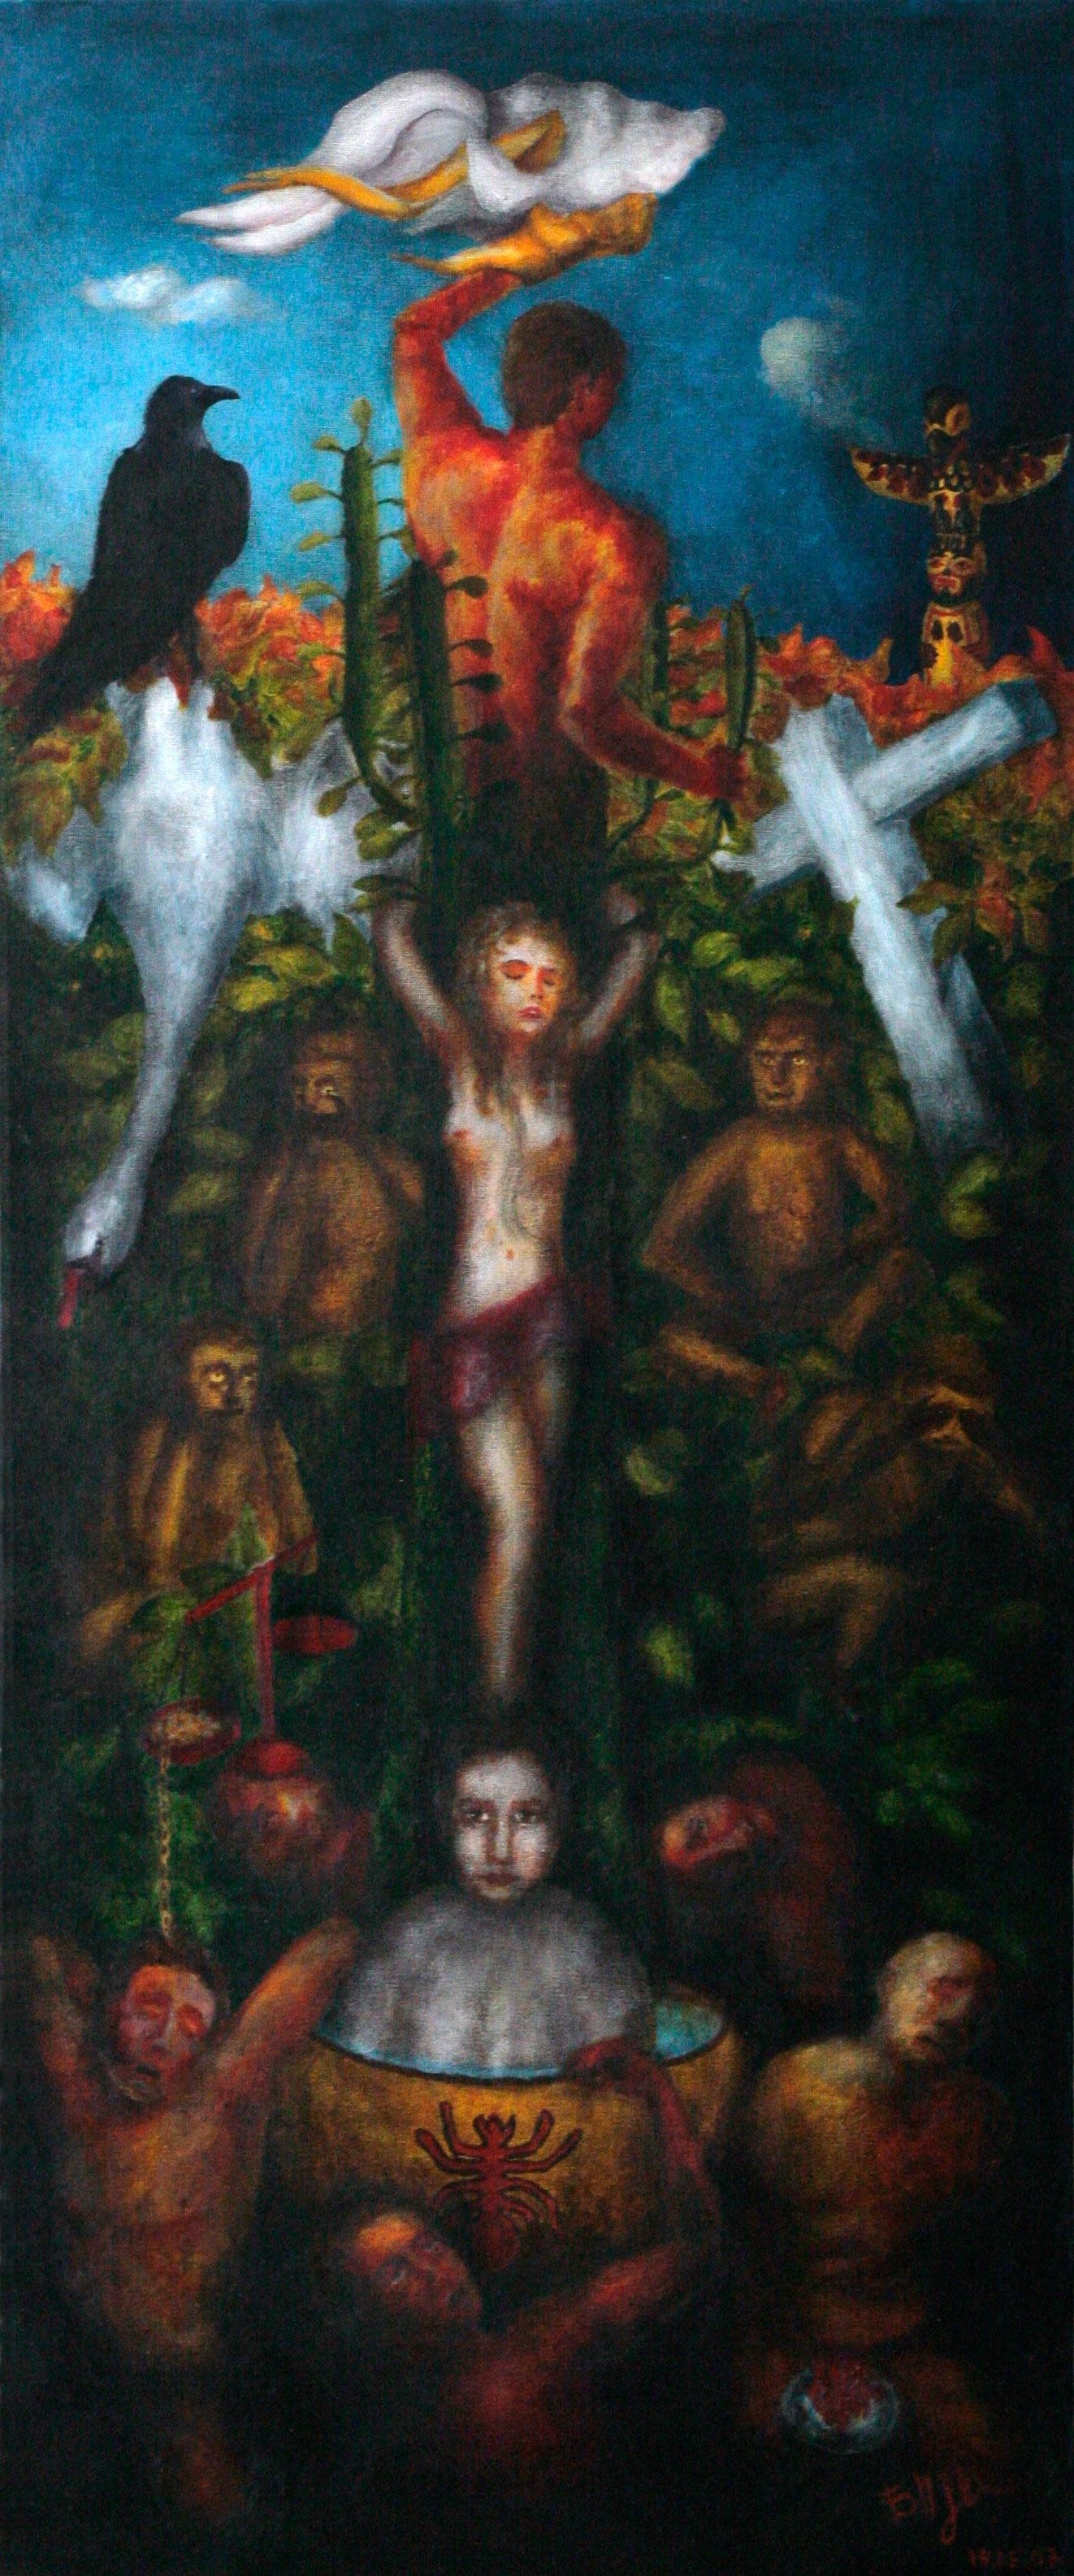 Закат. Молодая девушка прикована к кактусу, внизу девочка в горшке с водой. Их окружают пять грешников, четыре обезьяны, лебедь, ворон, крест, тотем.